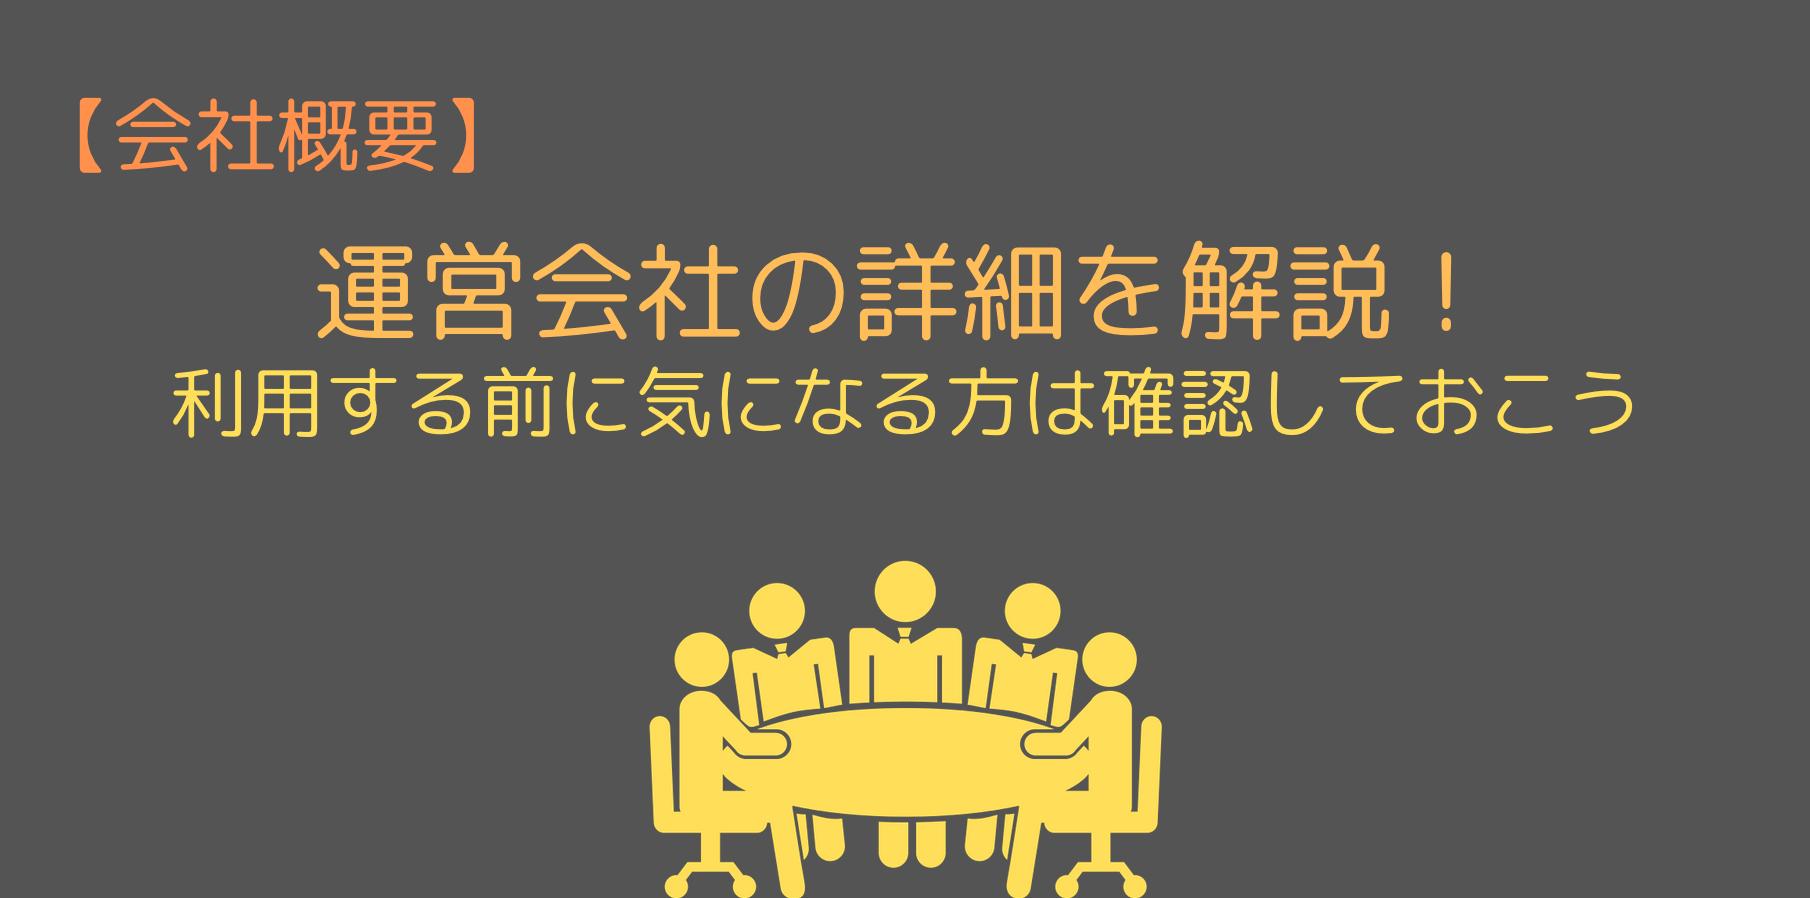 運営会社の詳細